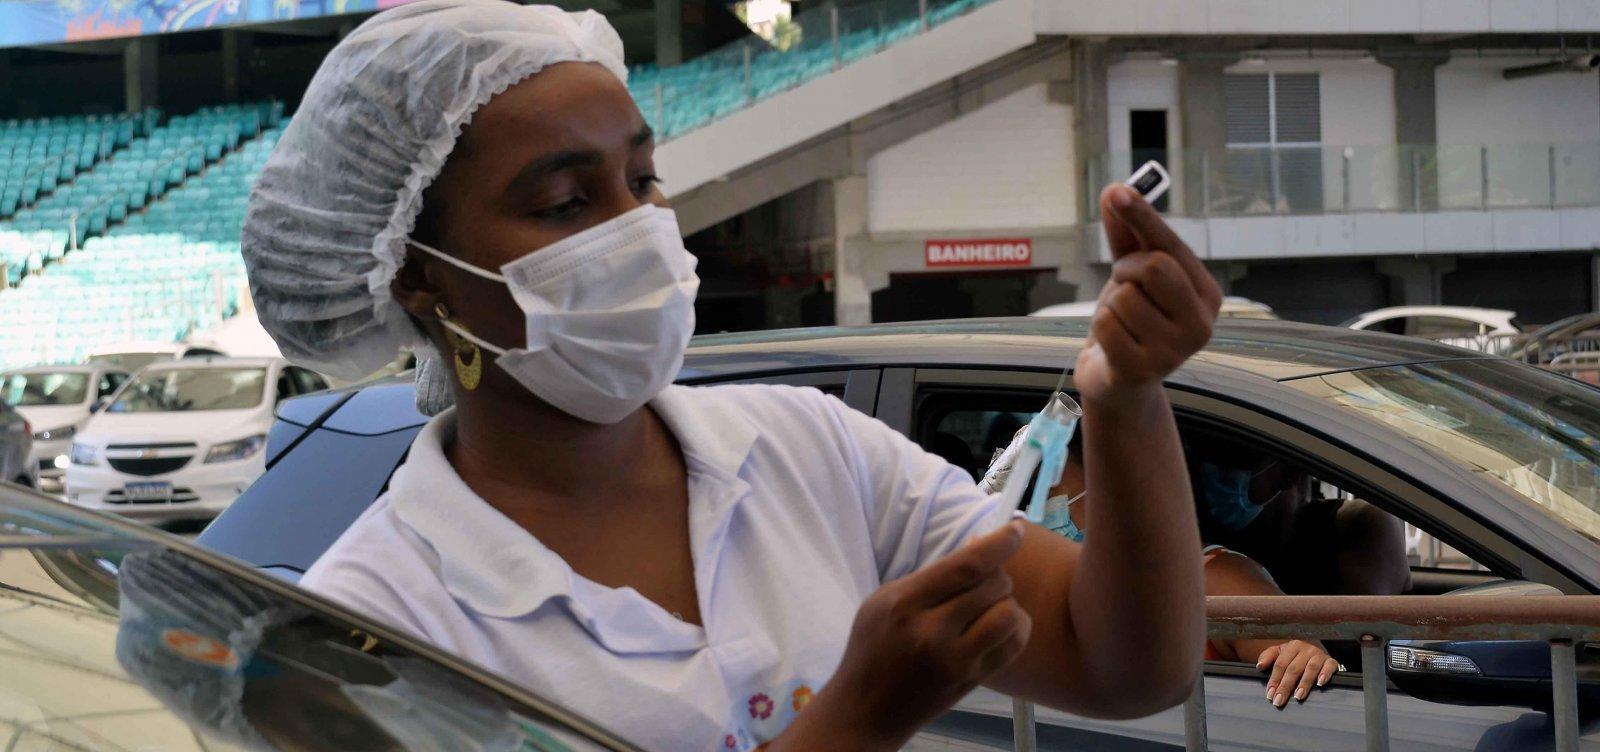 Salvador suspende imunização contra Covid-19 neste sábado, Dia D da Multivacinação